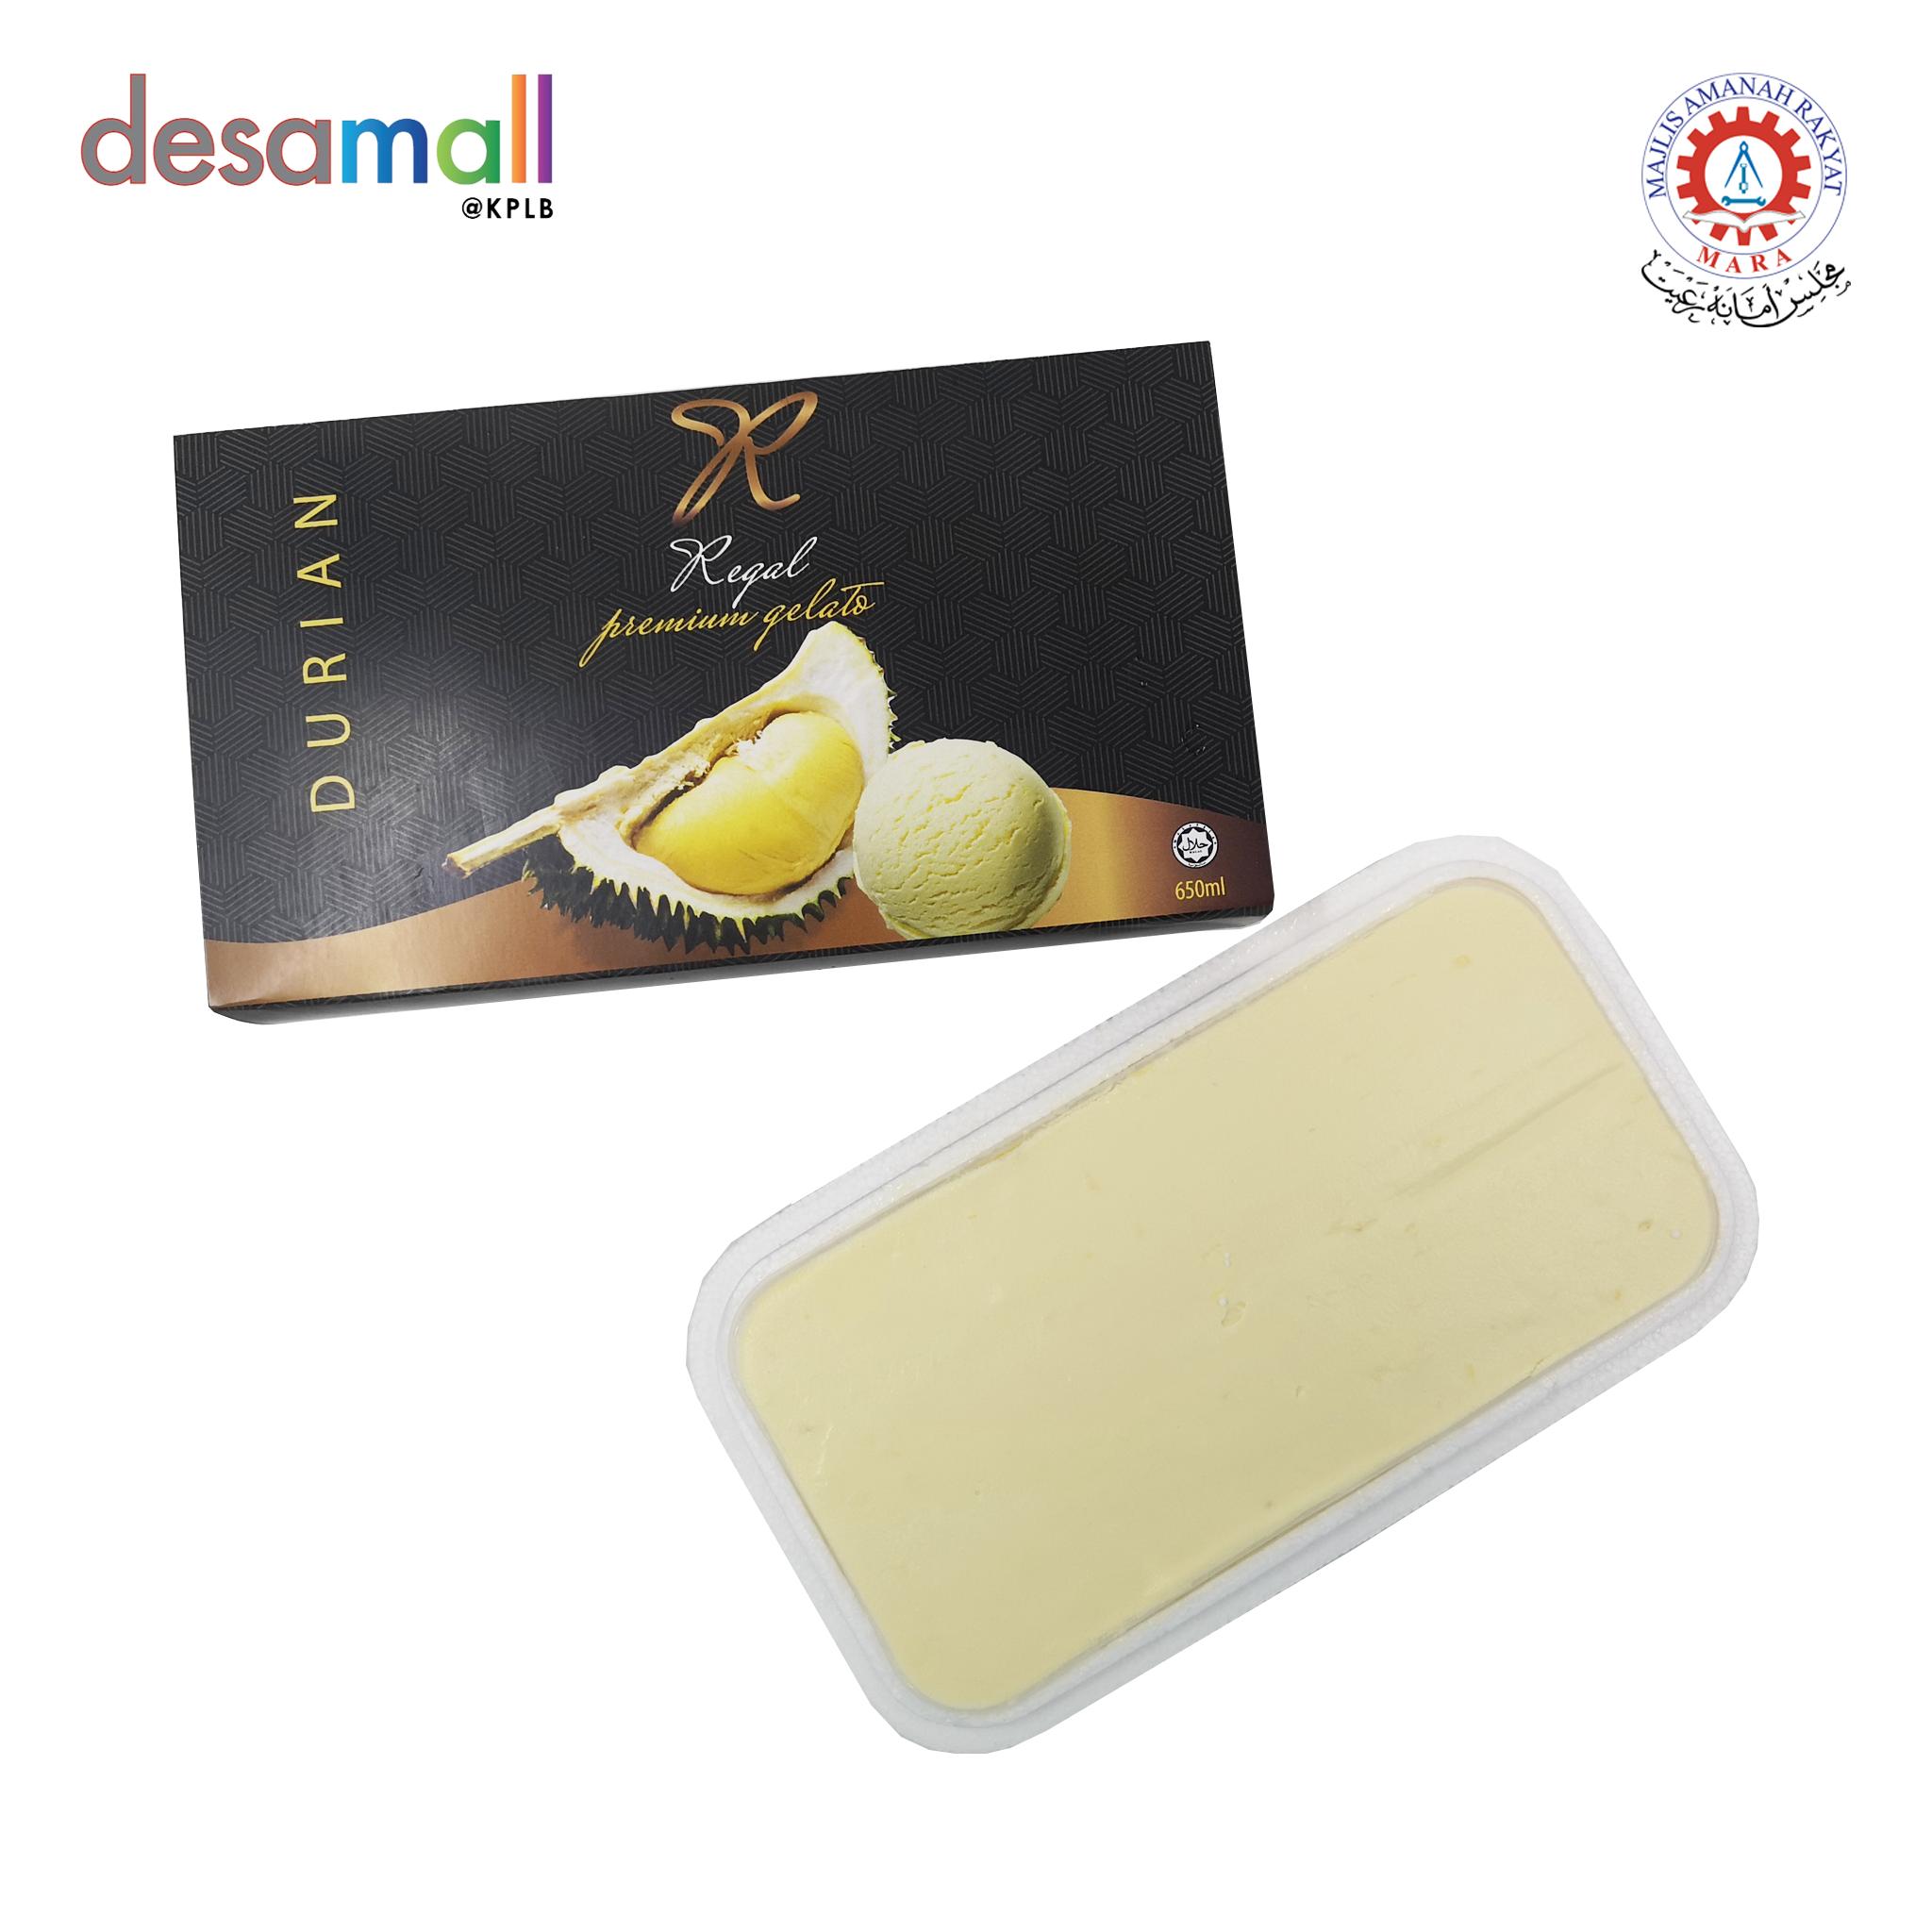 REGAL PREMIUM D24 DURIAN GELATO Foam Pack (650ml)